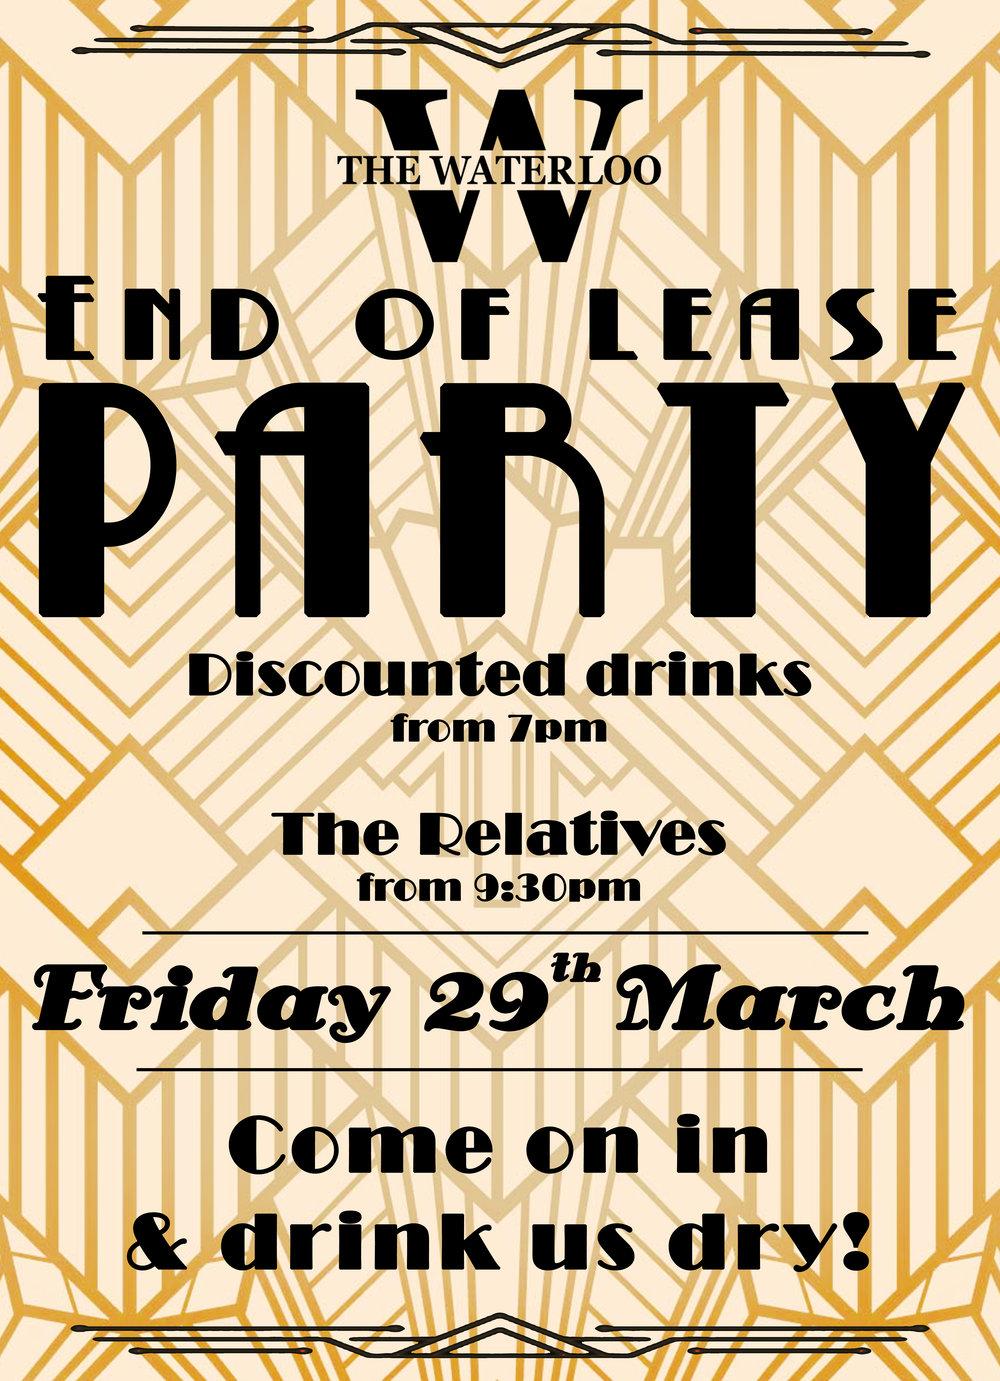 Waterloo Closing Down Poster.jpg